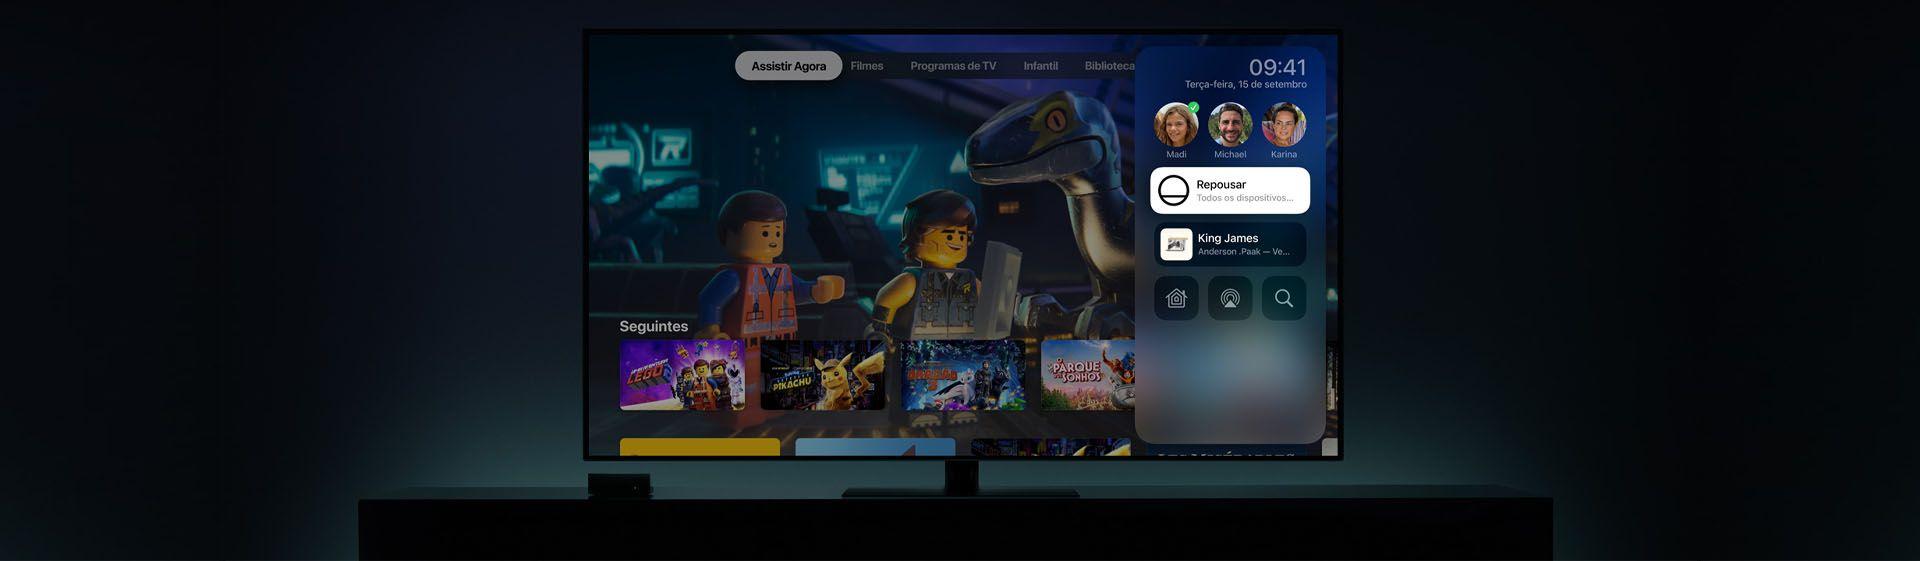 Como assistir Apple TV Plus na sua smart TV?